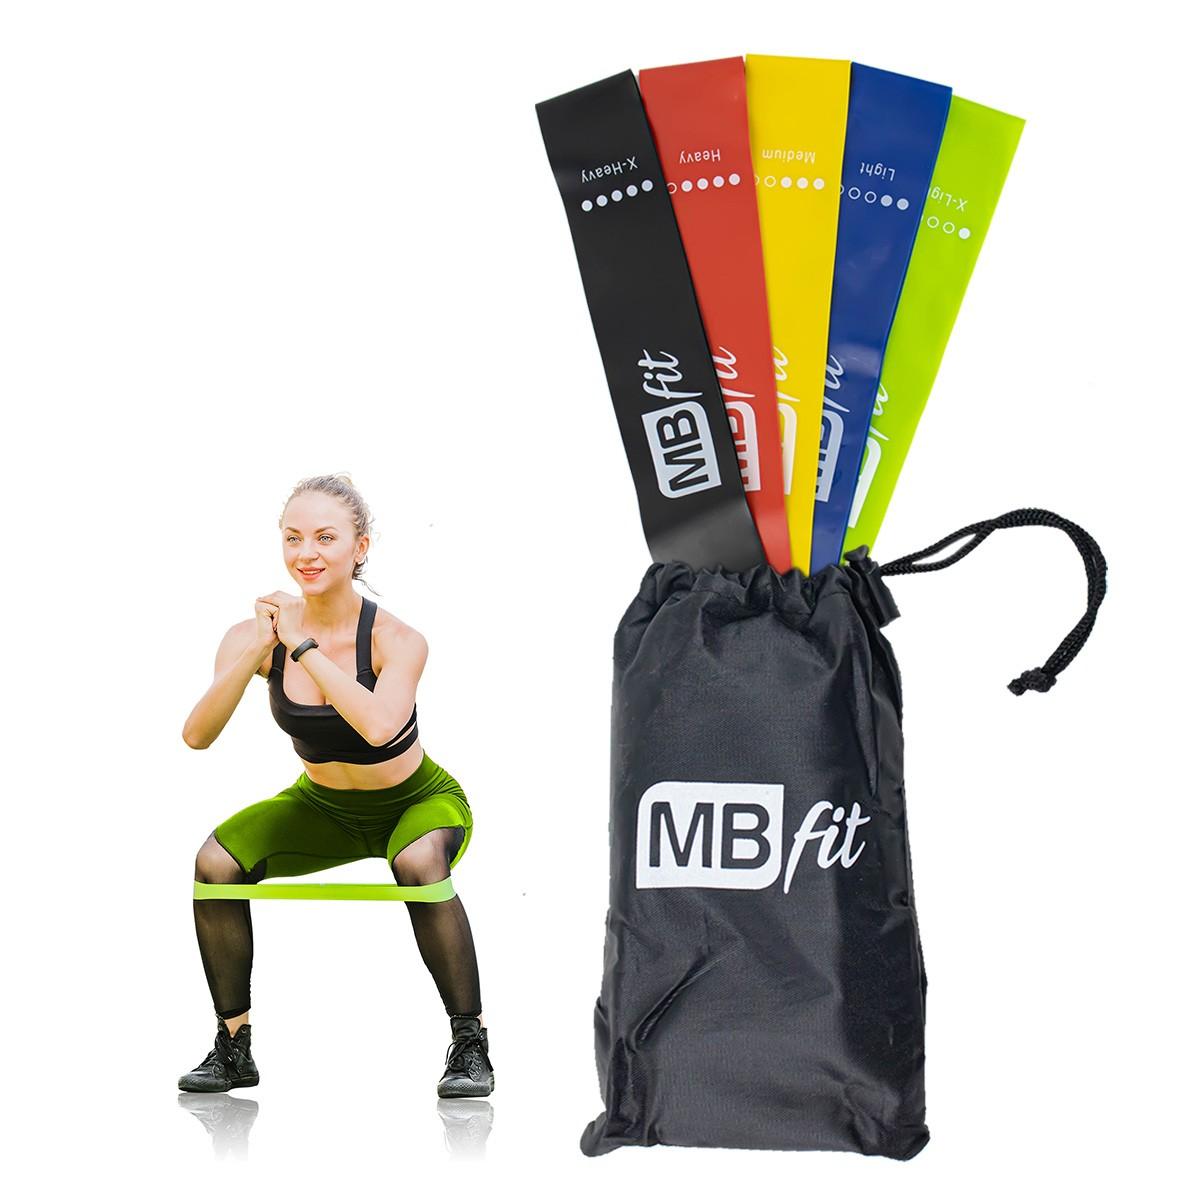 Kit 5 Faixas Elásticas para Treino Academia Thera Band MBfit LY87150